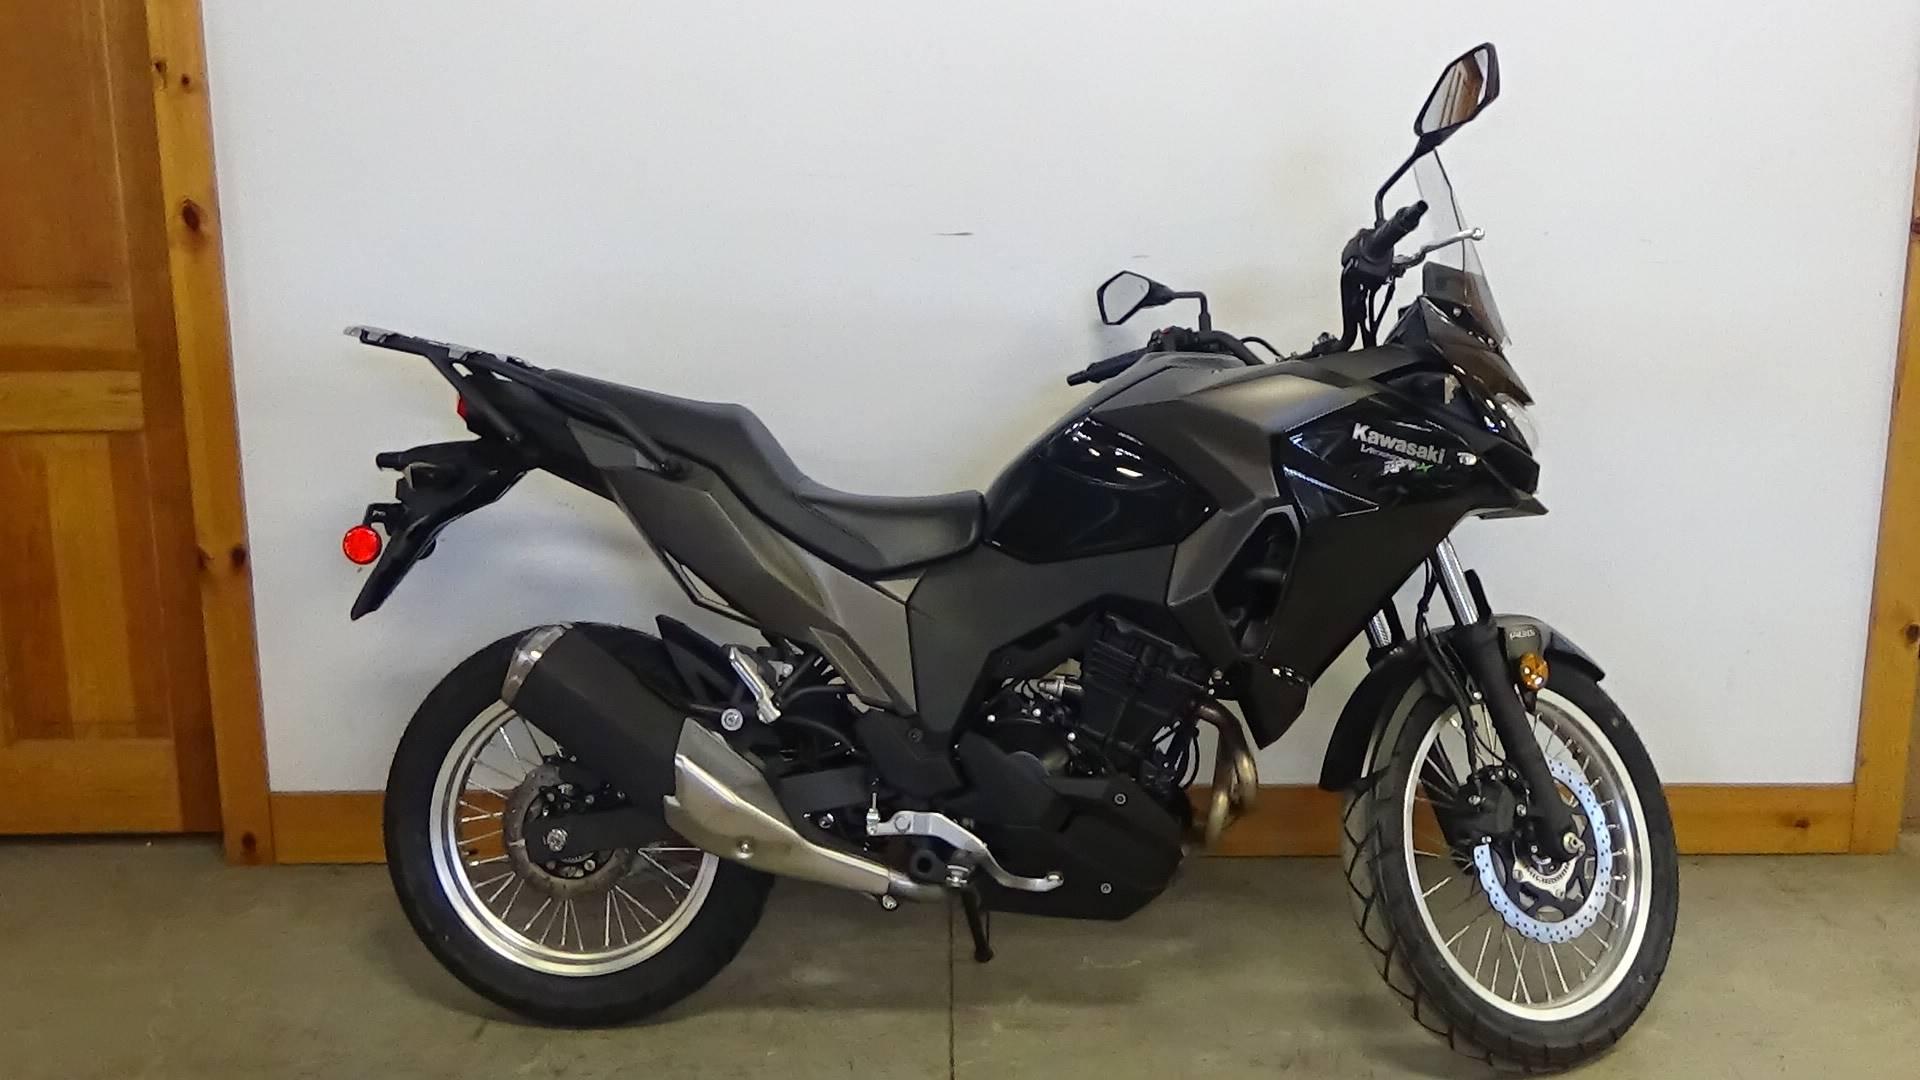 2018 Kawasaki Versys-X 300 ABS 1